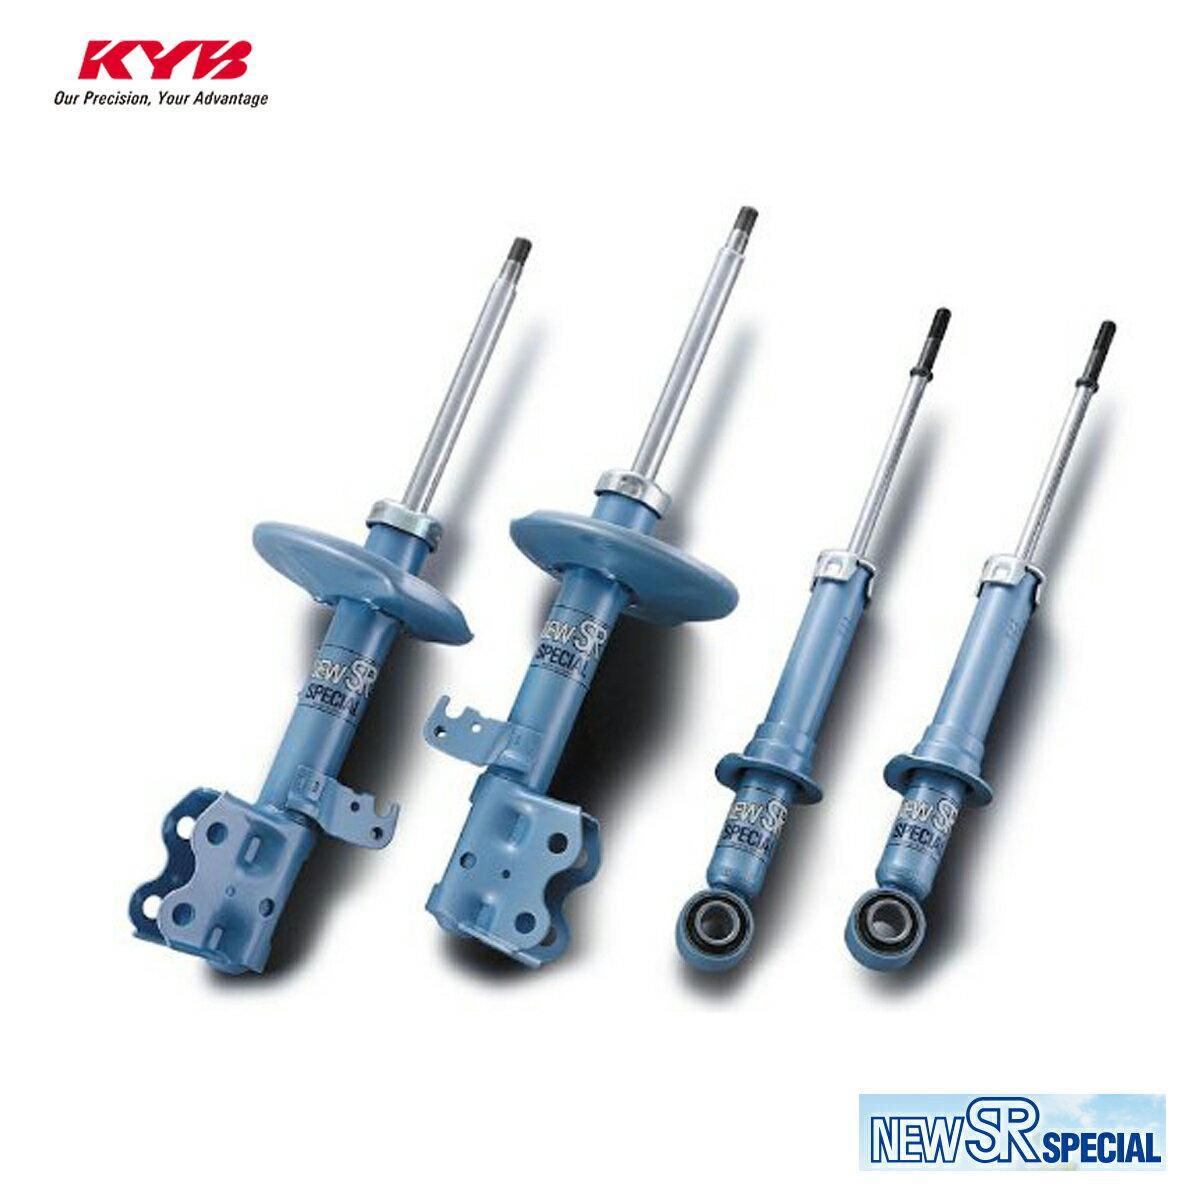 KYB カヤバ カローラランクス アレックス ZZE122 ショックアブソーバー 1台分 NEW SR SPECIAL NS-5225Z9125 配送先条件有り